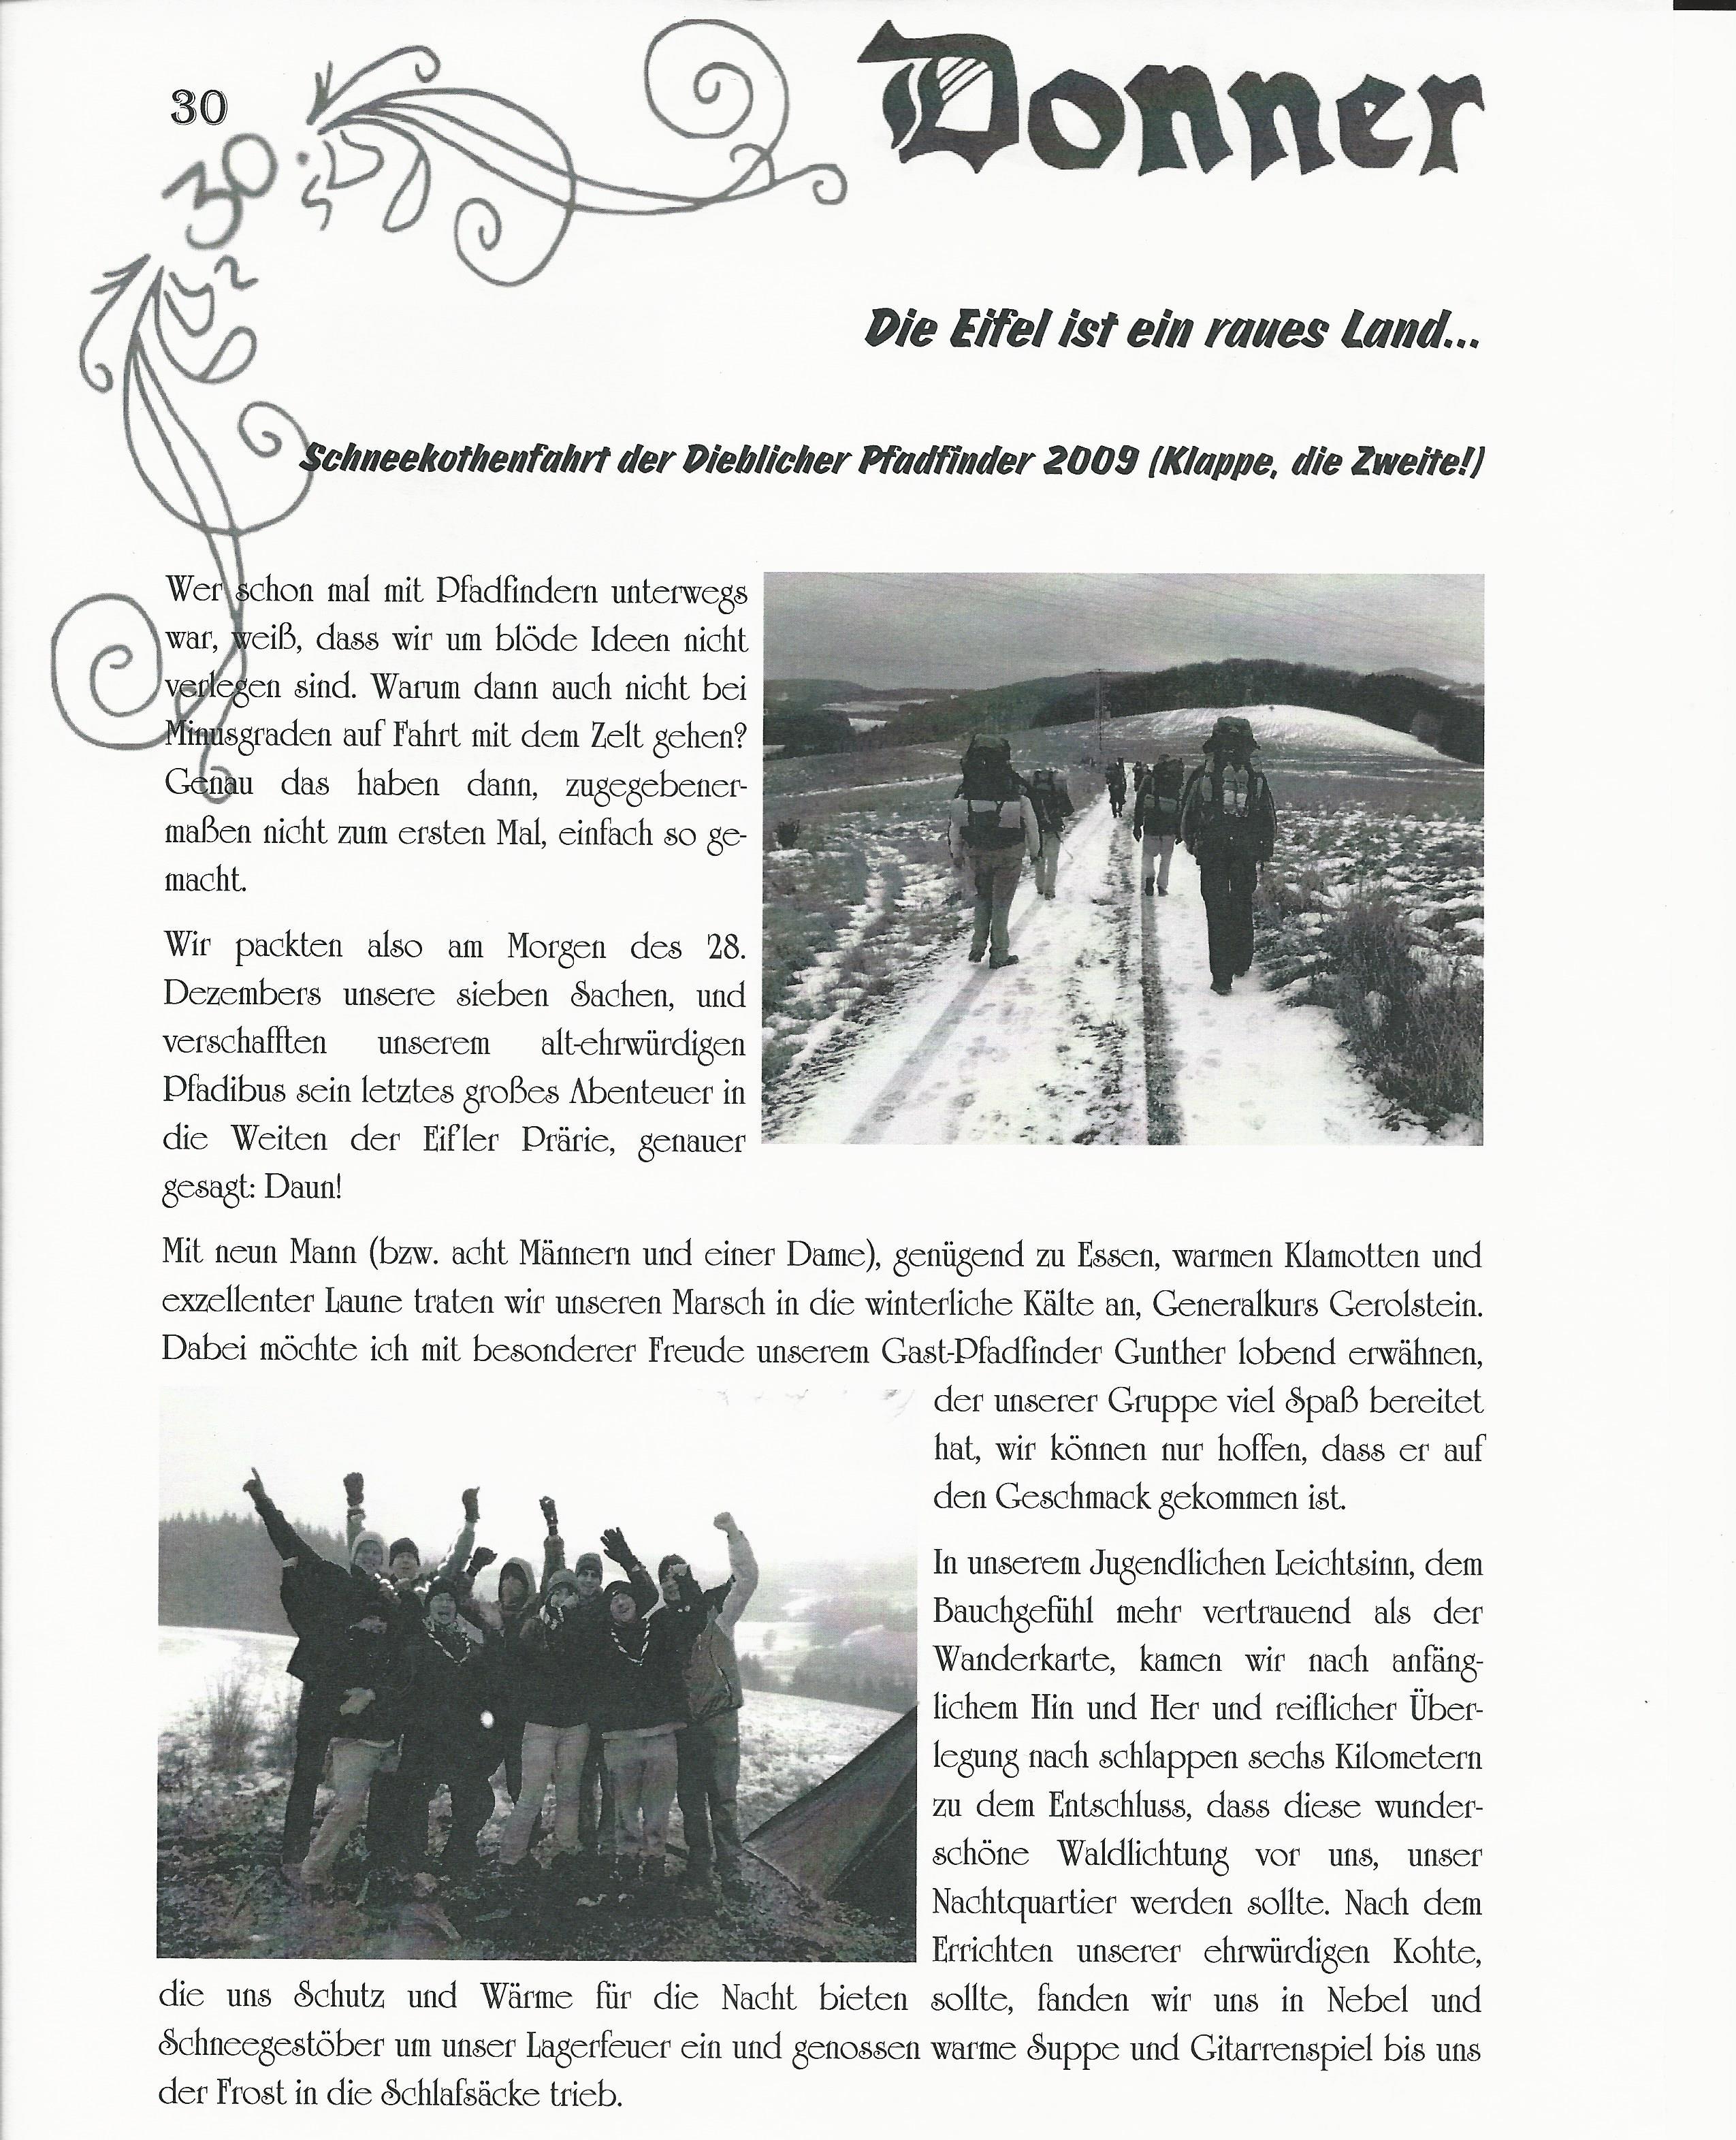 Schneekohtenfahrt 20090001